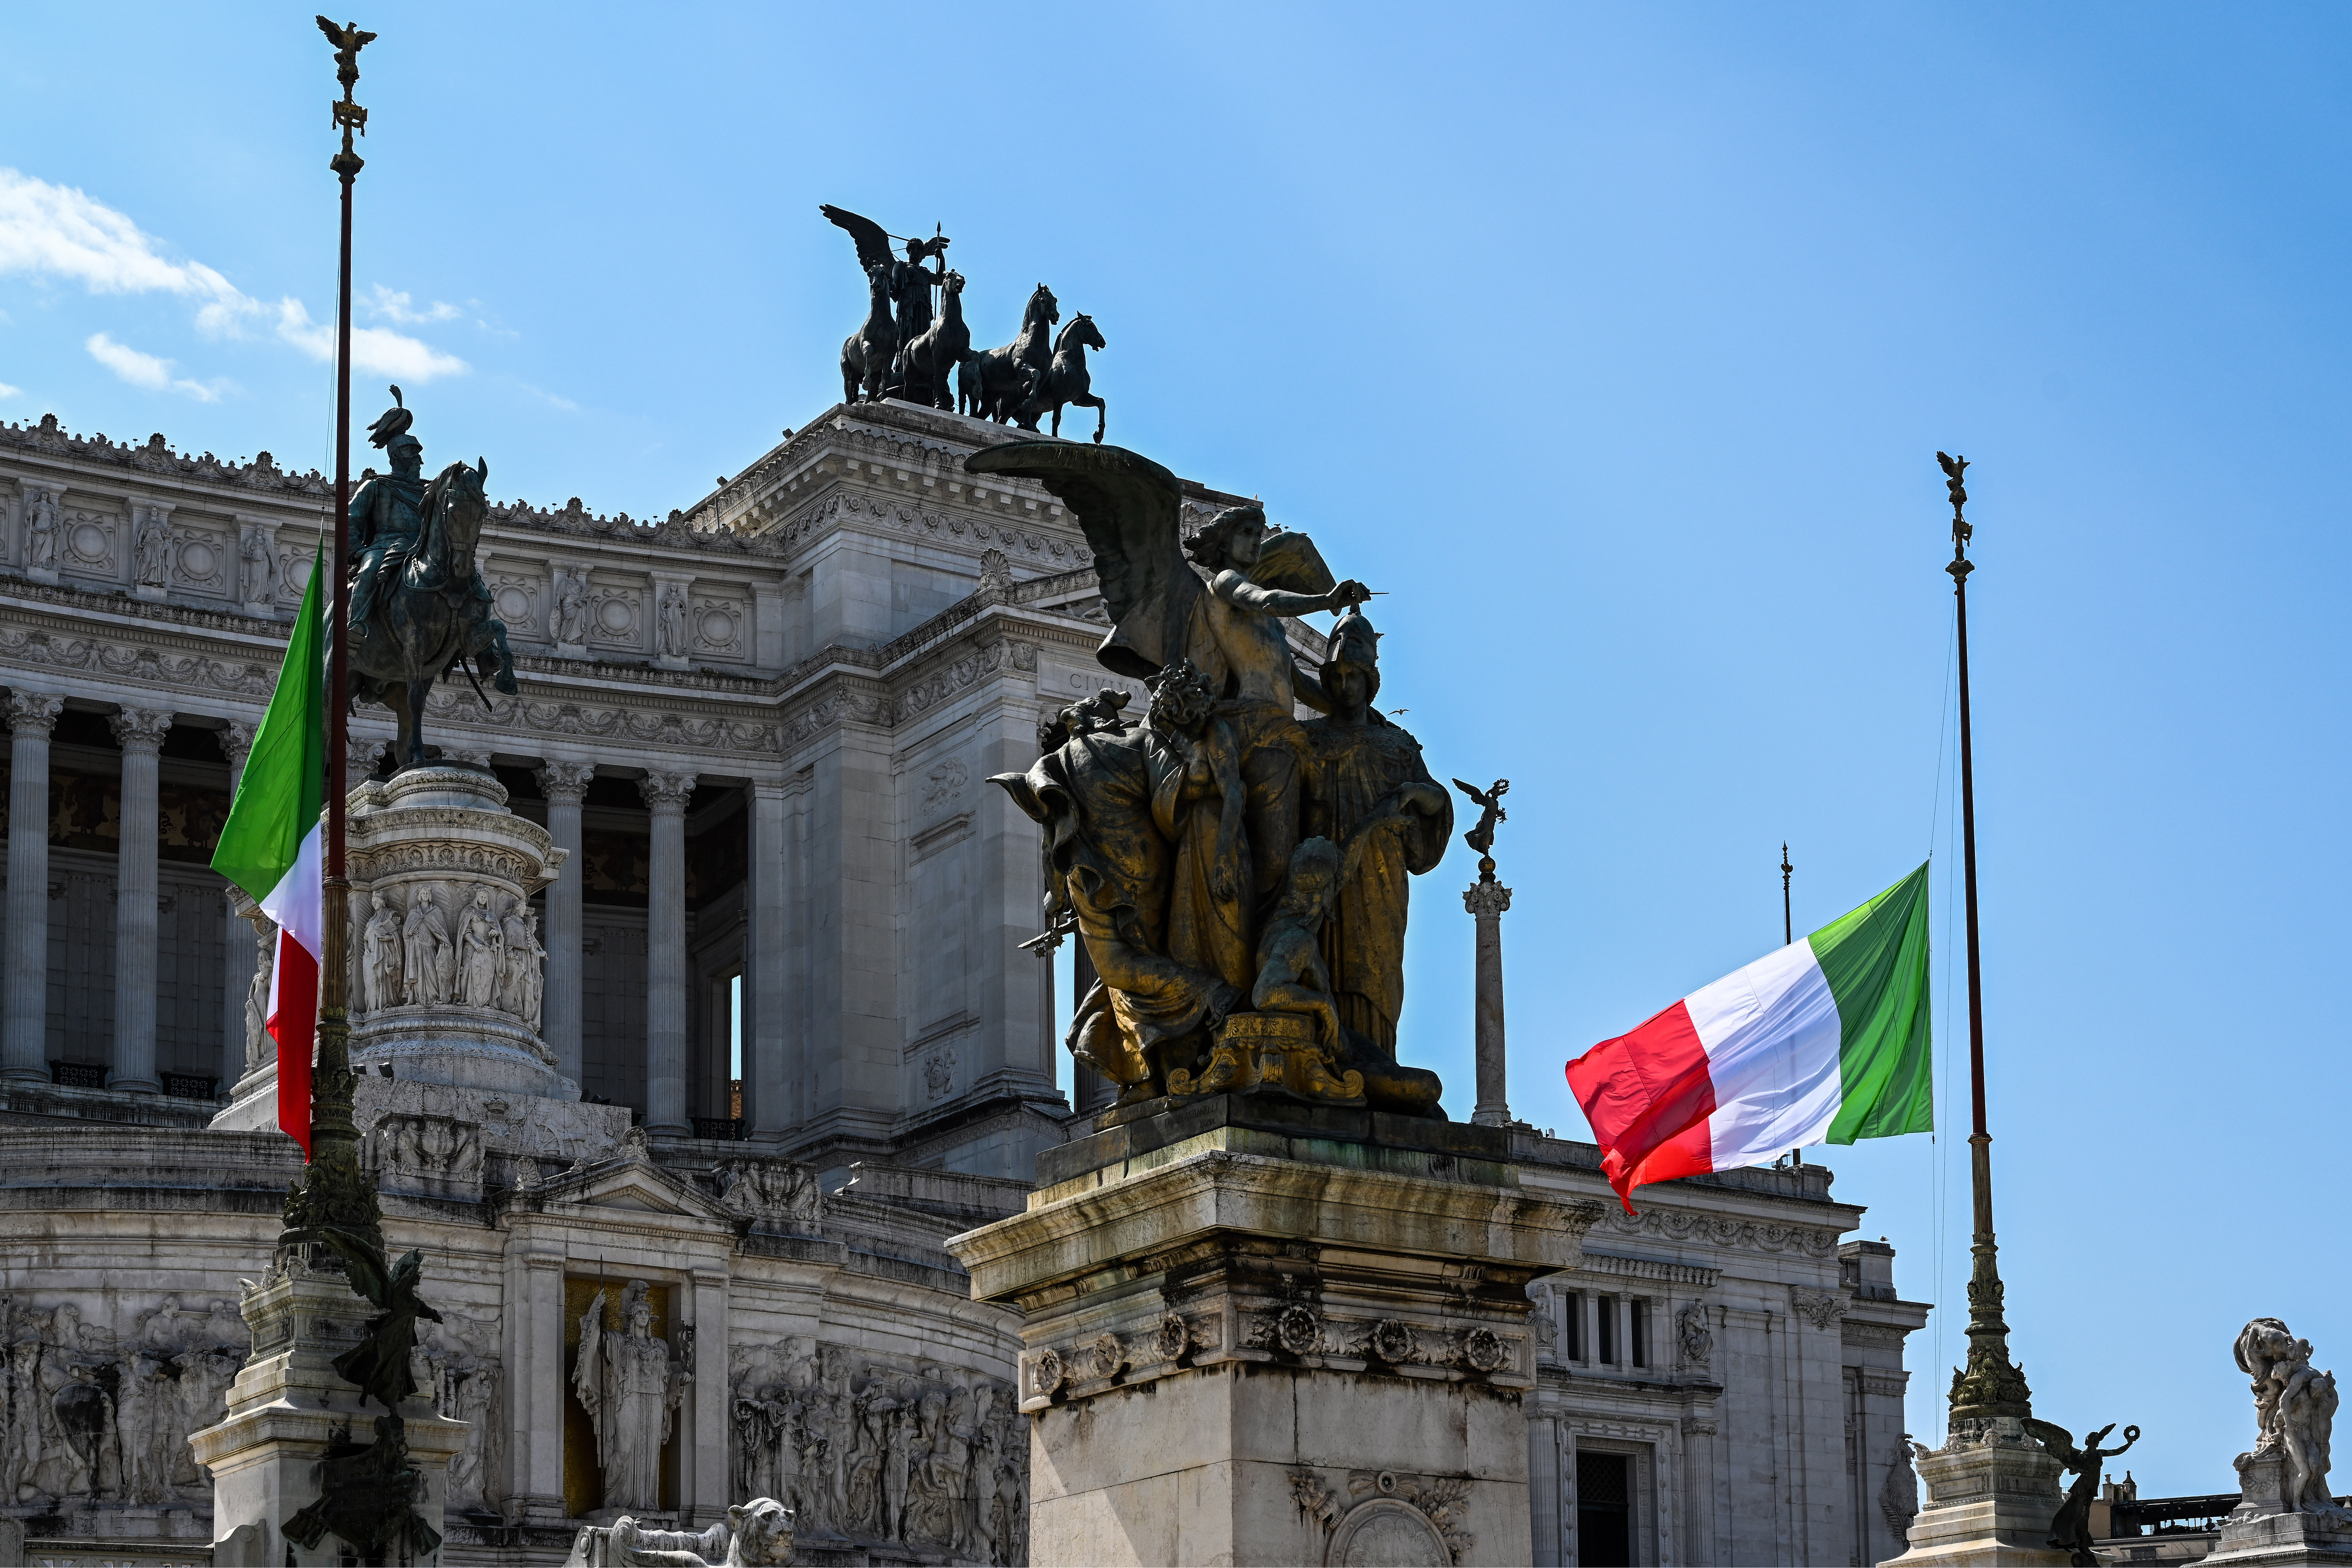 Banderas italianas flamean a media asta en el Altare della Patria-monumento Vittorio Emanuele II, ubicado en Roma, el 31 de marzo. Foto: Vincenzo PINTO / AFP